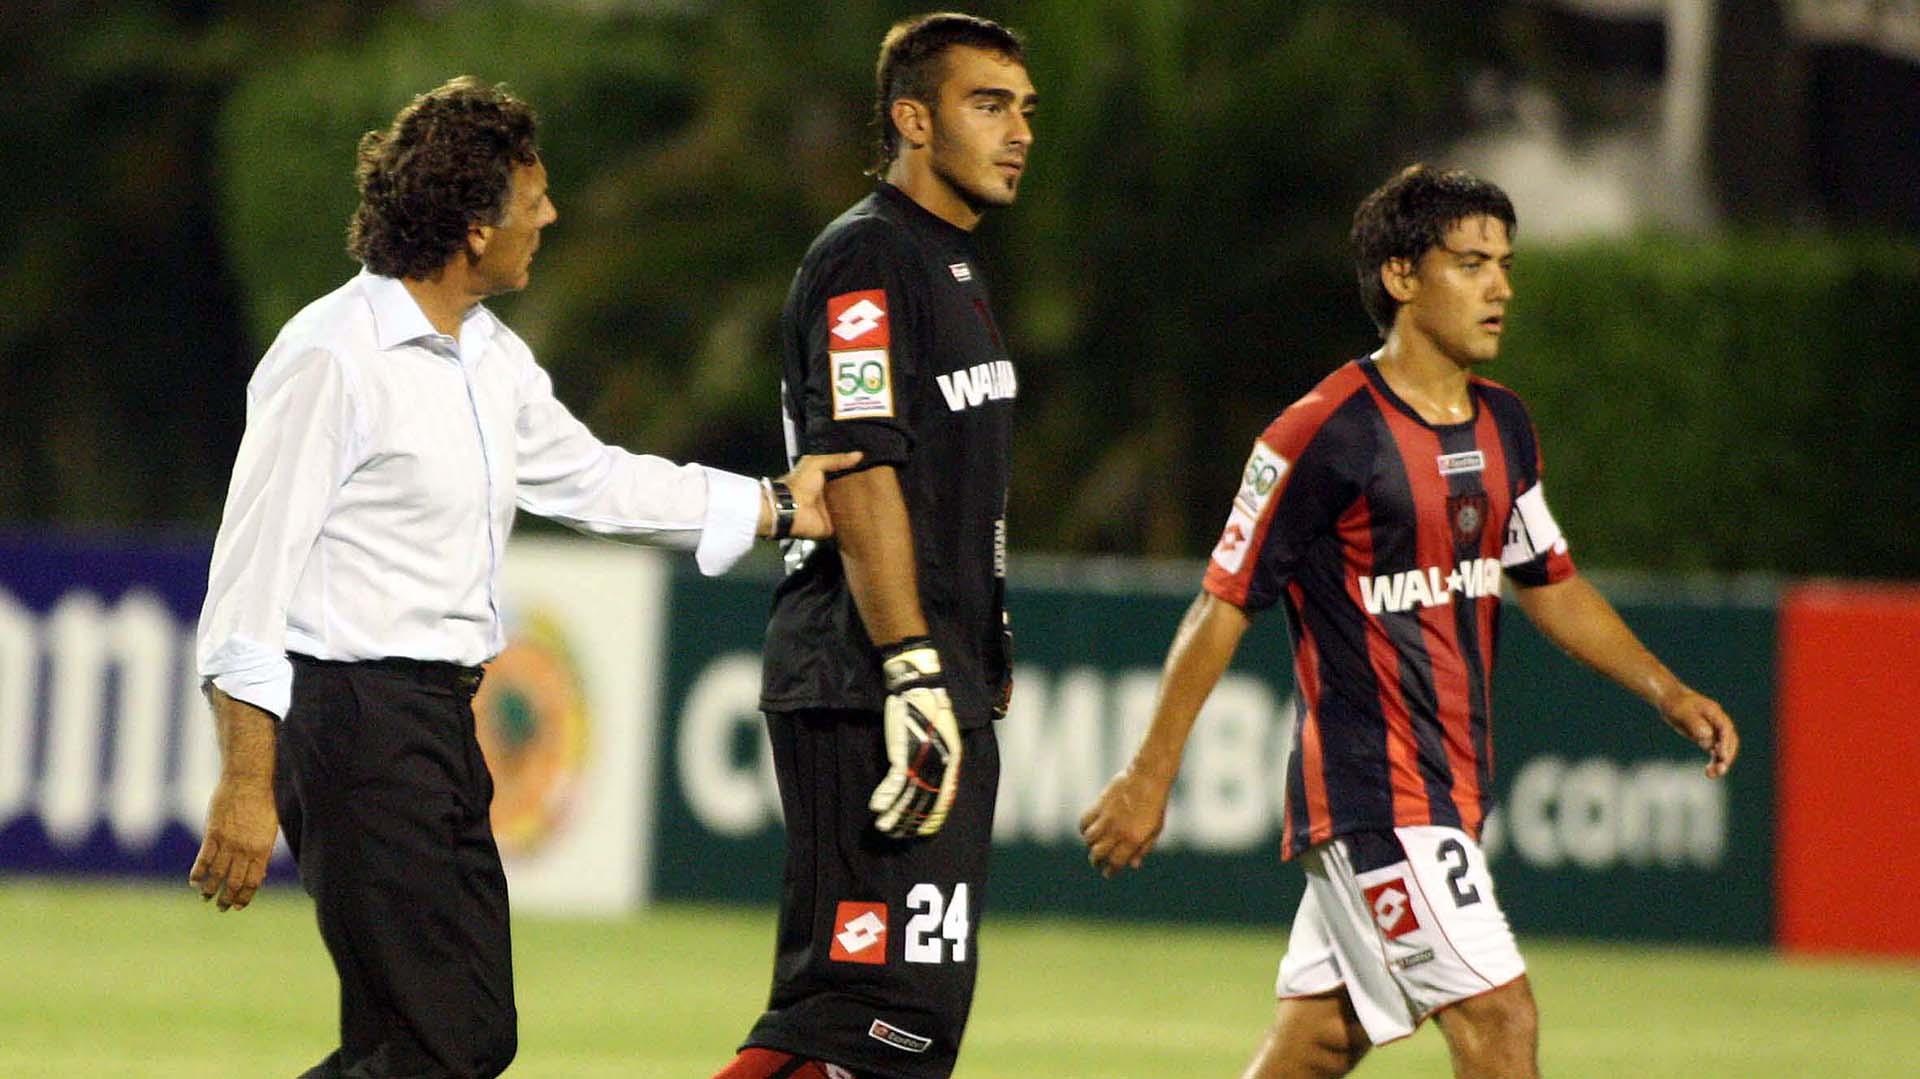 Miguel Ángel Russo consuela a Bruno Centeno, tras su debut en Copa Libertadores con la camiseta de San Lorenzo (Foto Baires)